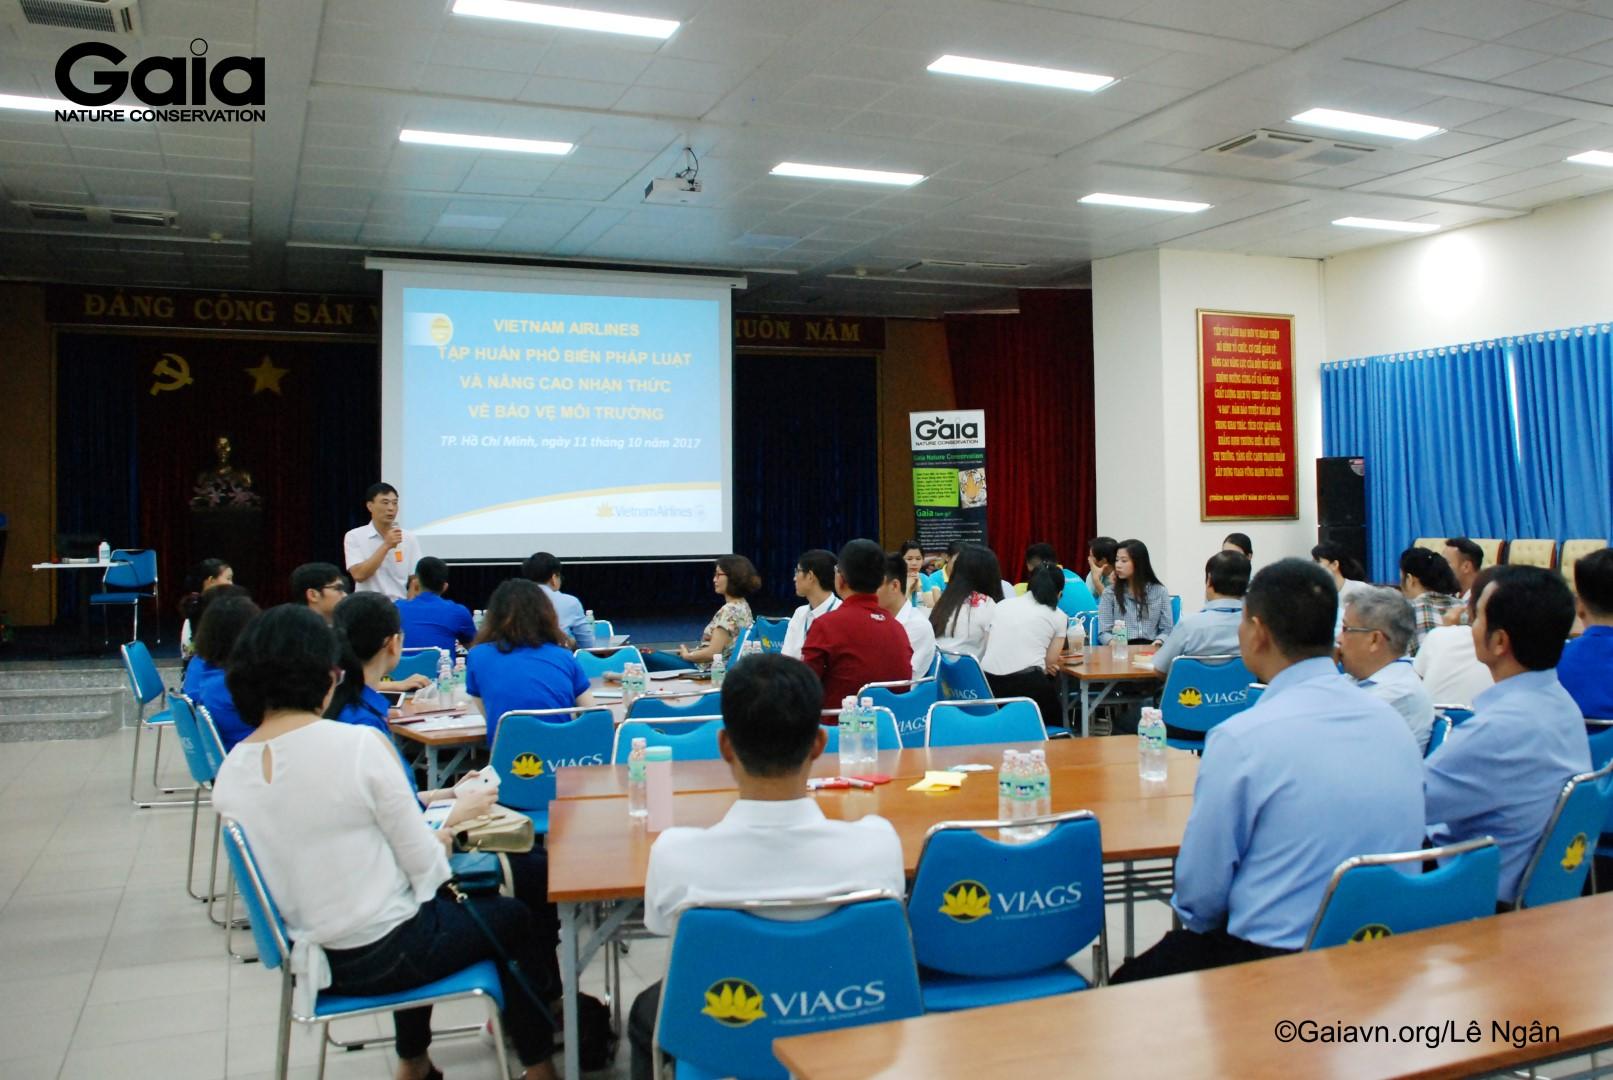 Mr.Nguyễn Đình Đàn - Phó Trưởng phòng Đảm bảo An toàn Chất lượng khai thác mặt đất - Ban An toàn Chất lượng – Vietnam Airlines khai mạc tập huấn.